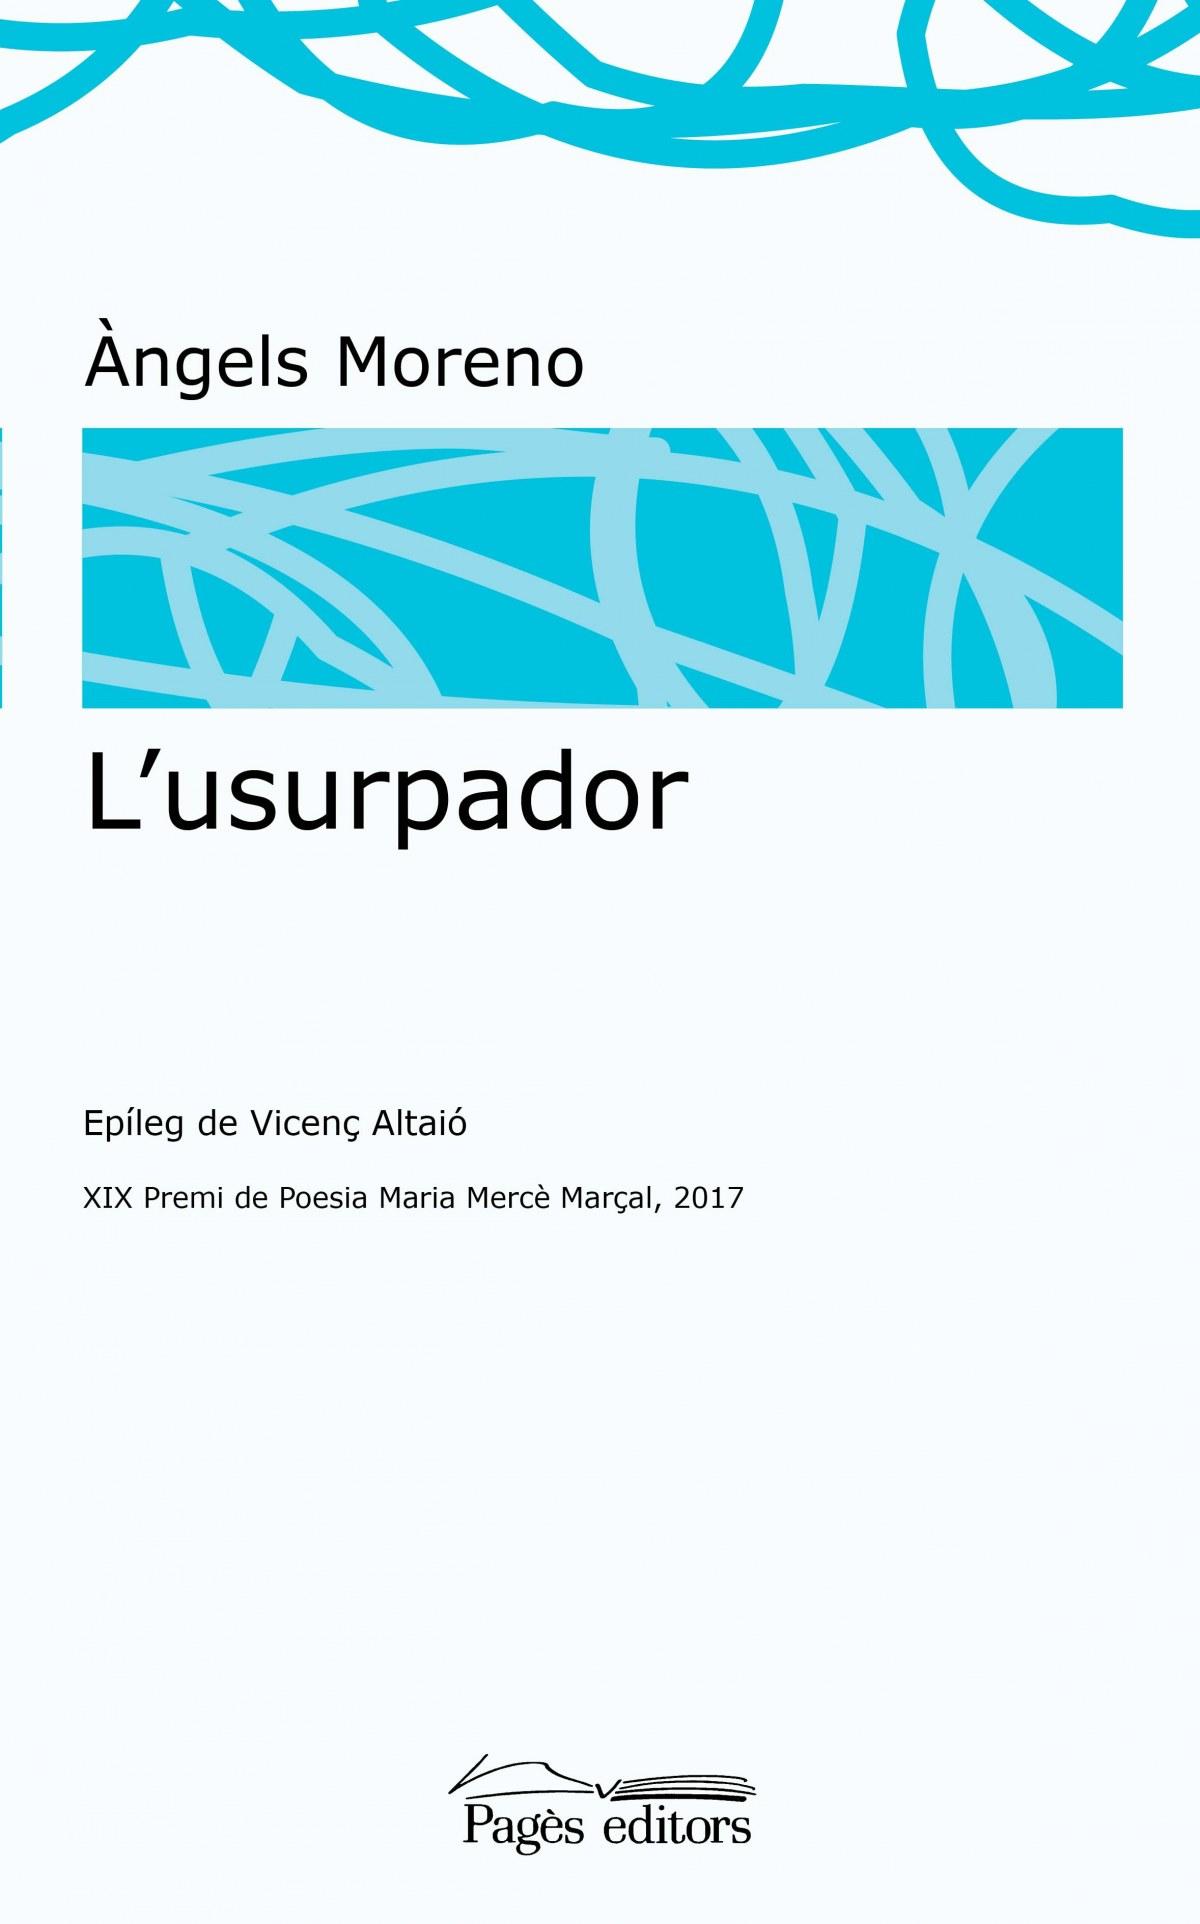 L'USURPADOR